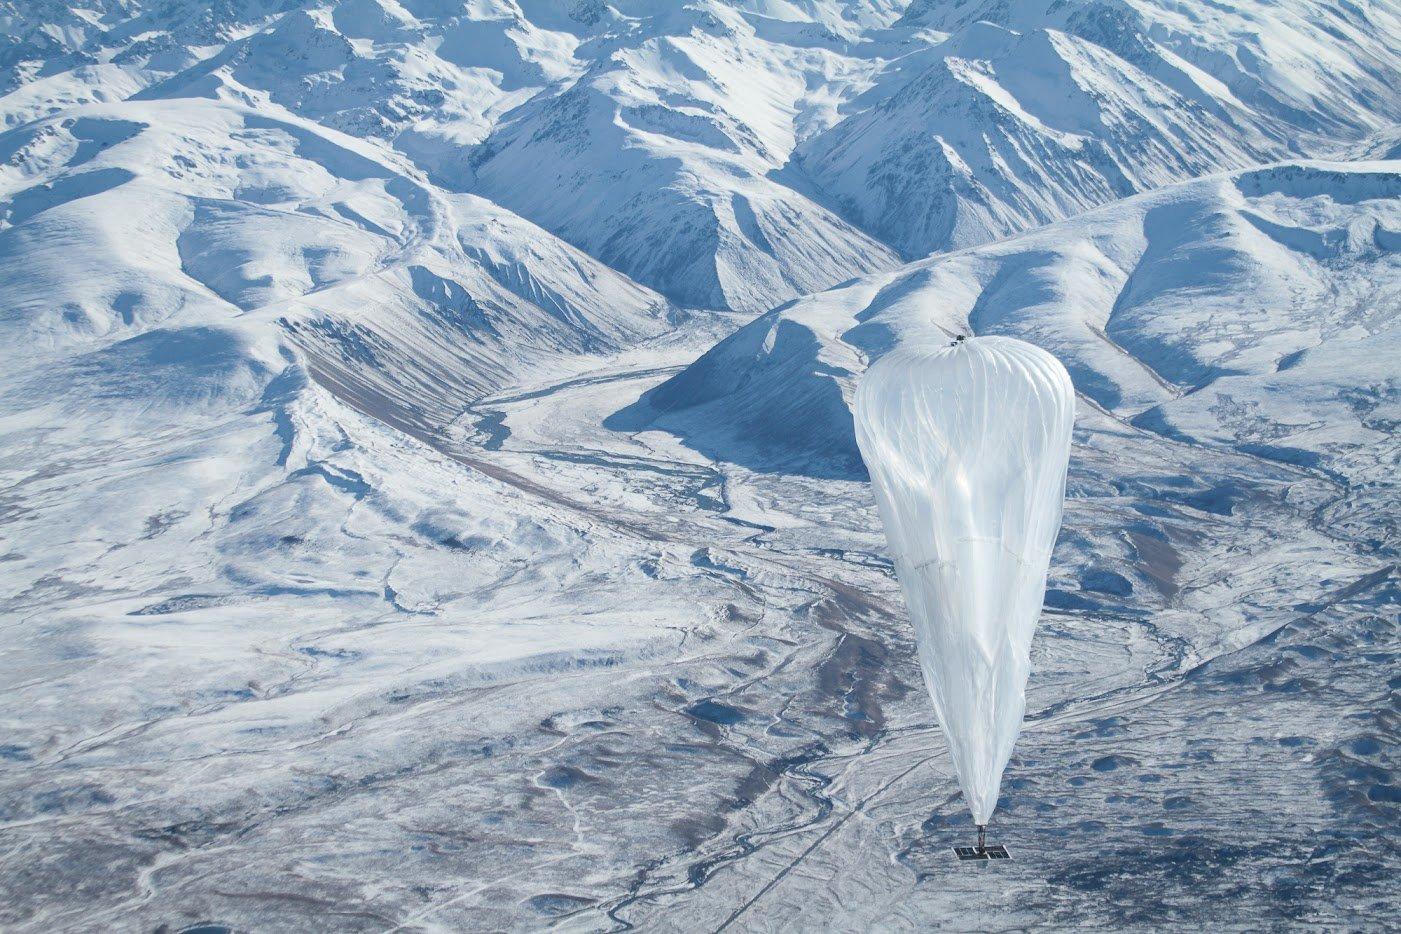 Ein Google-Ballons über den Bergen Neuseelands beim Aufstieg in die Stratosphäre.